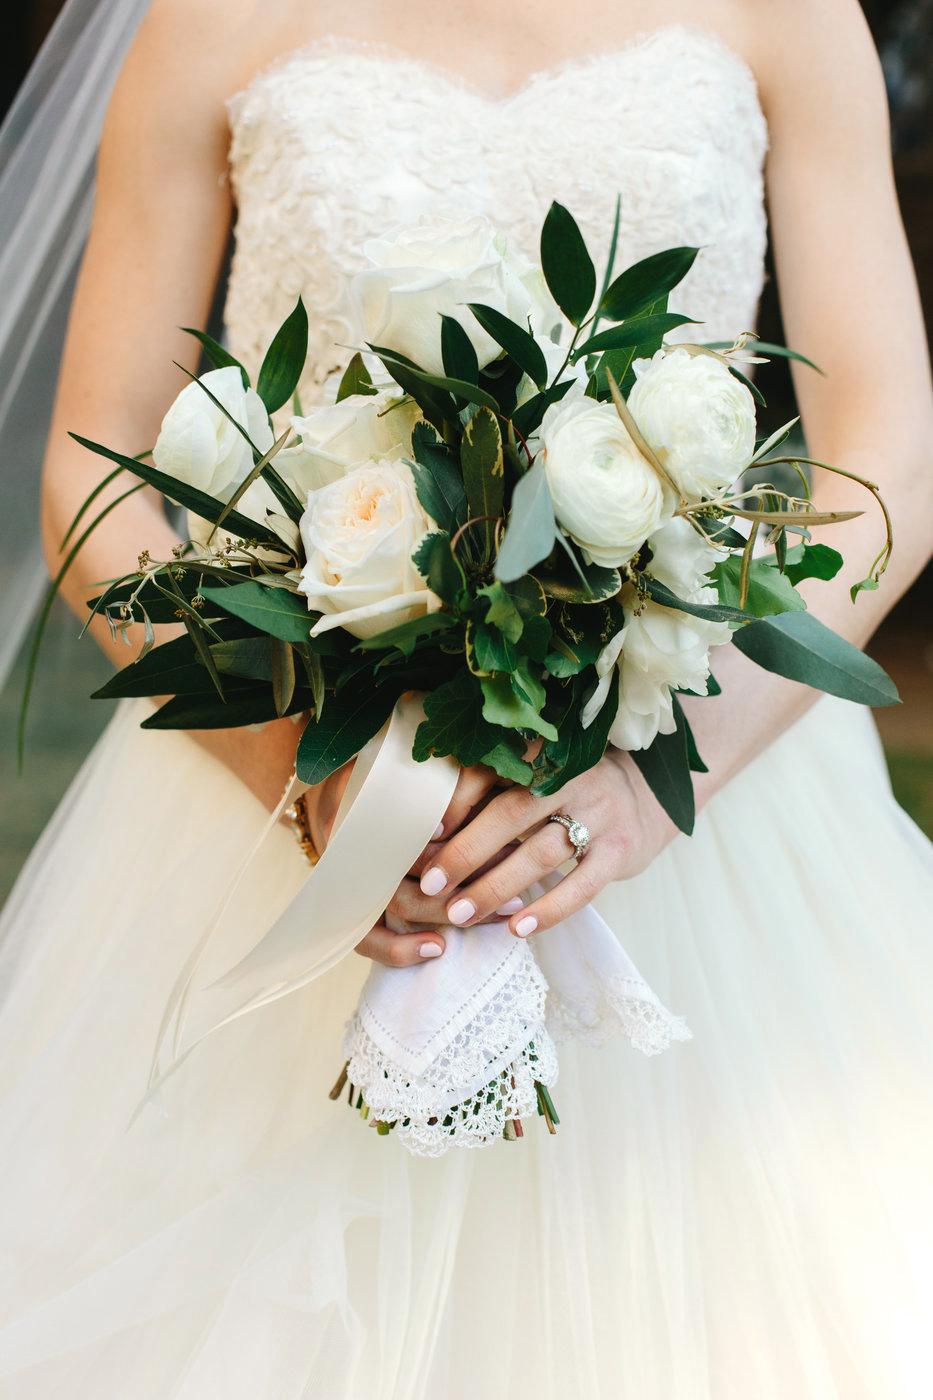 scalloped wedding decor bride with handkerchief around bouquet stems